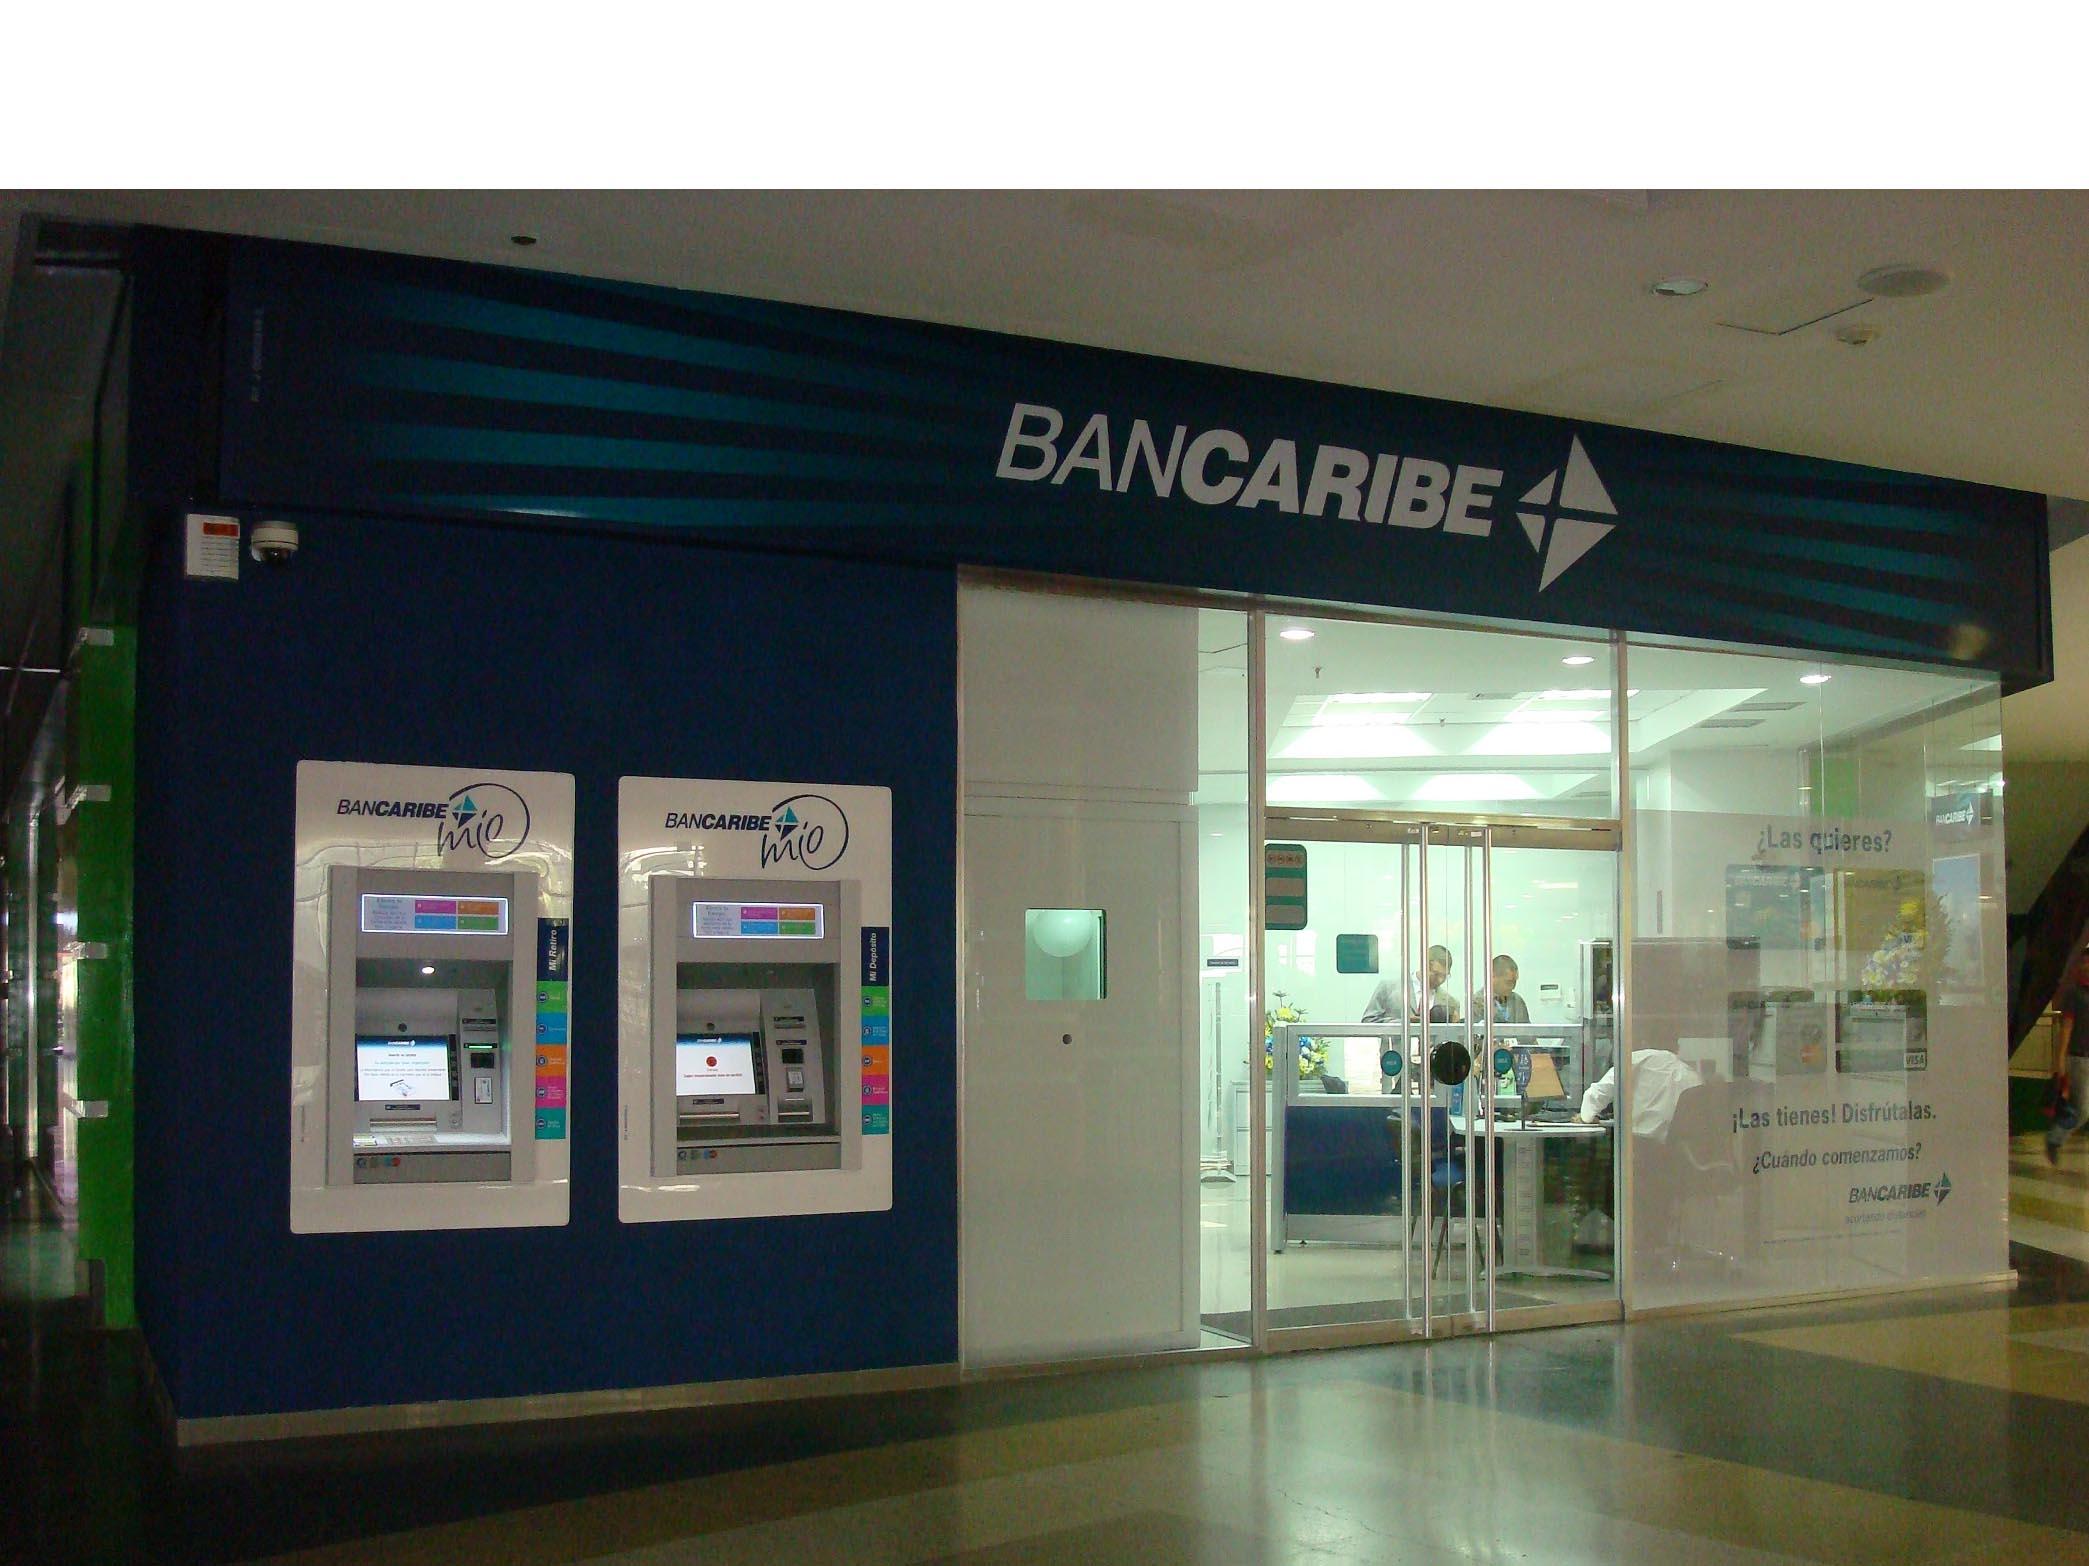 Cuatro días sin actividad bancaria, debido a fecha bancaria 4 de julio y feriado nacional 5 de julio en Venezuela